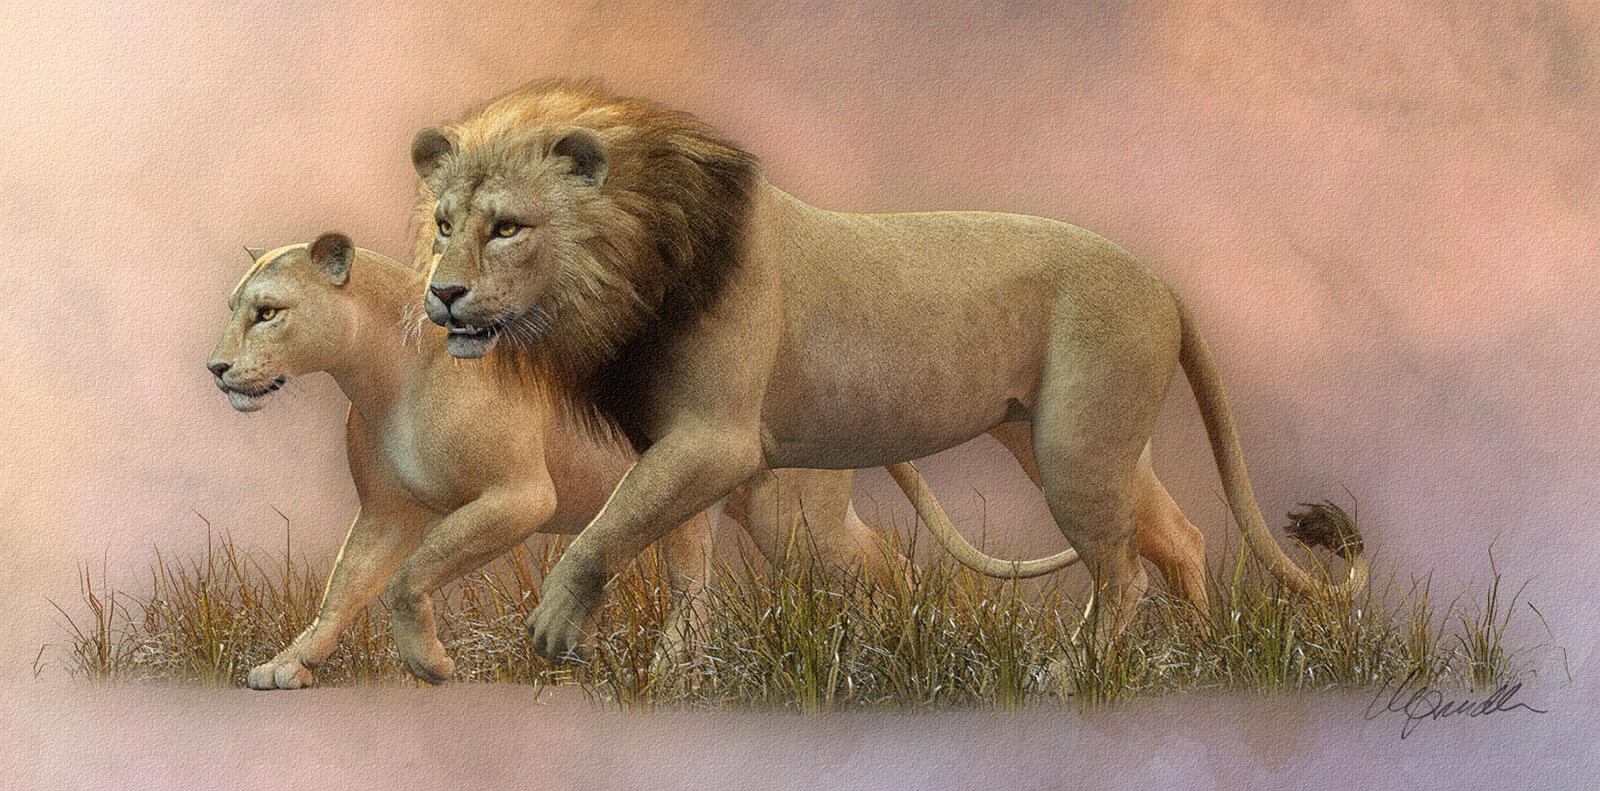 LionLionessVignette.jpg